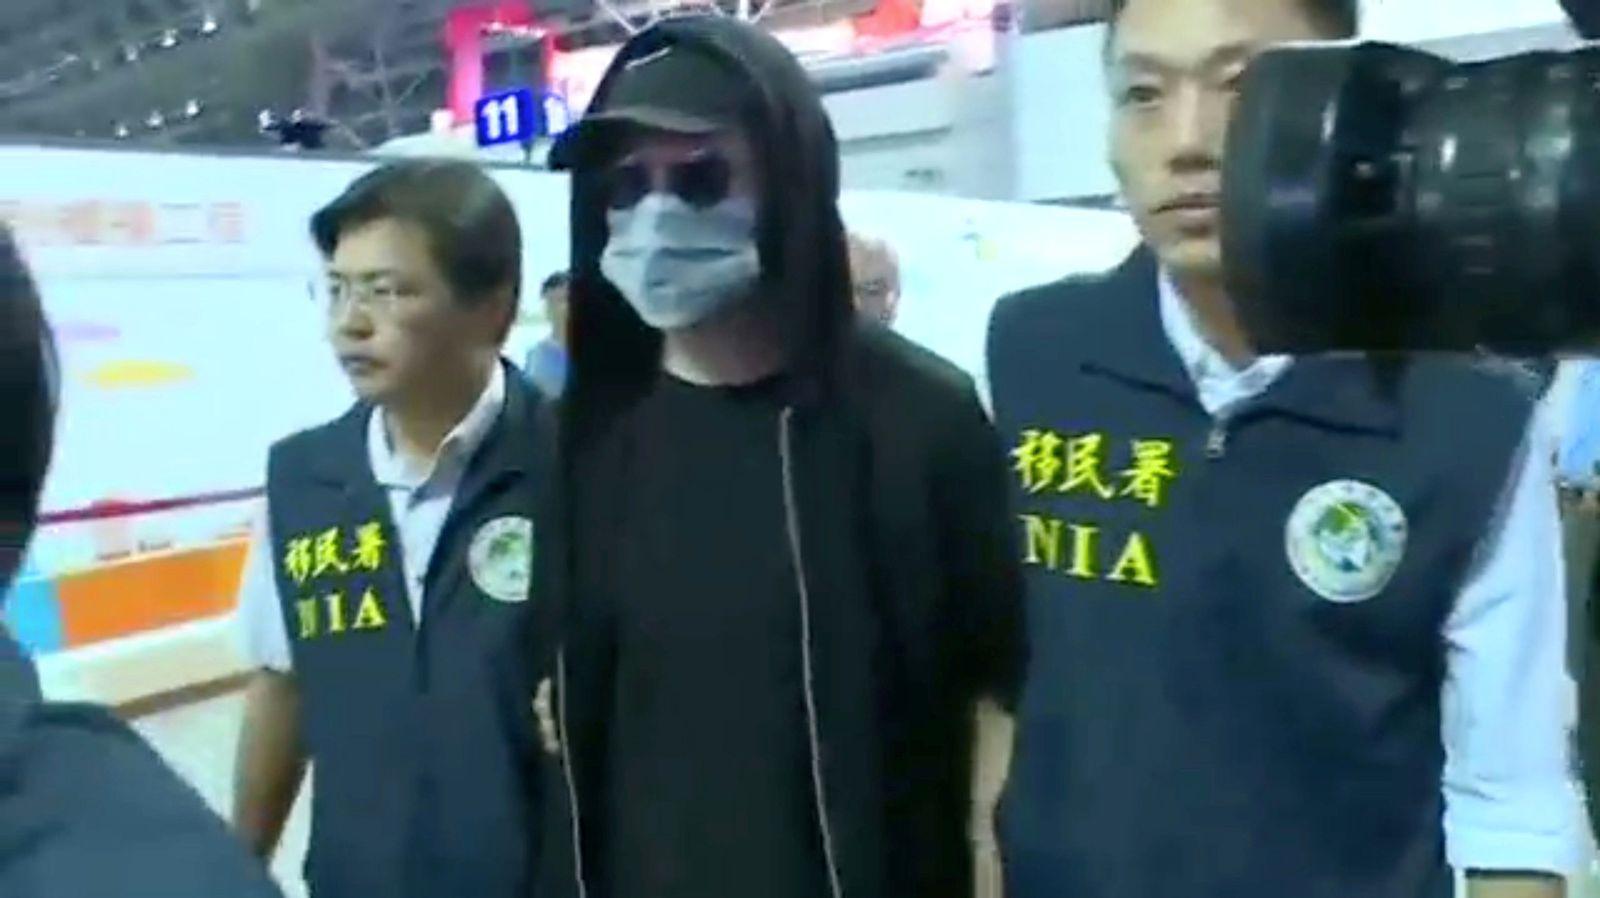 TEXAS-CRIME/GUNS-TAIWAN